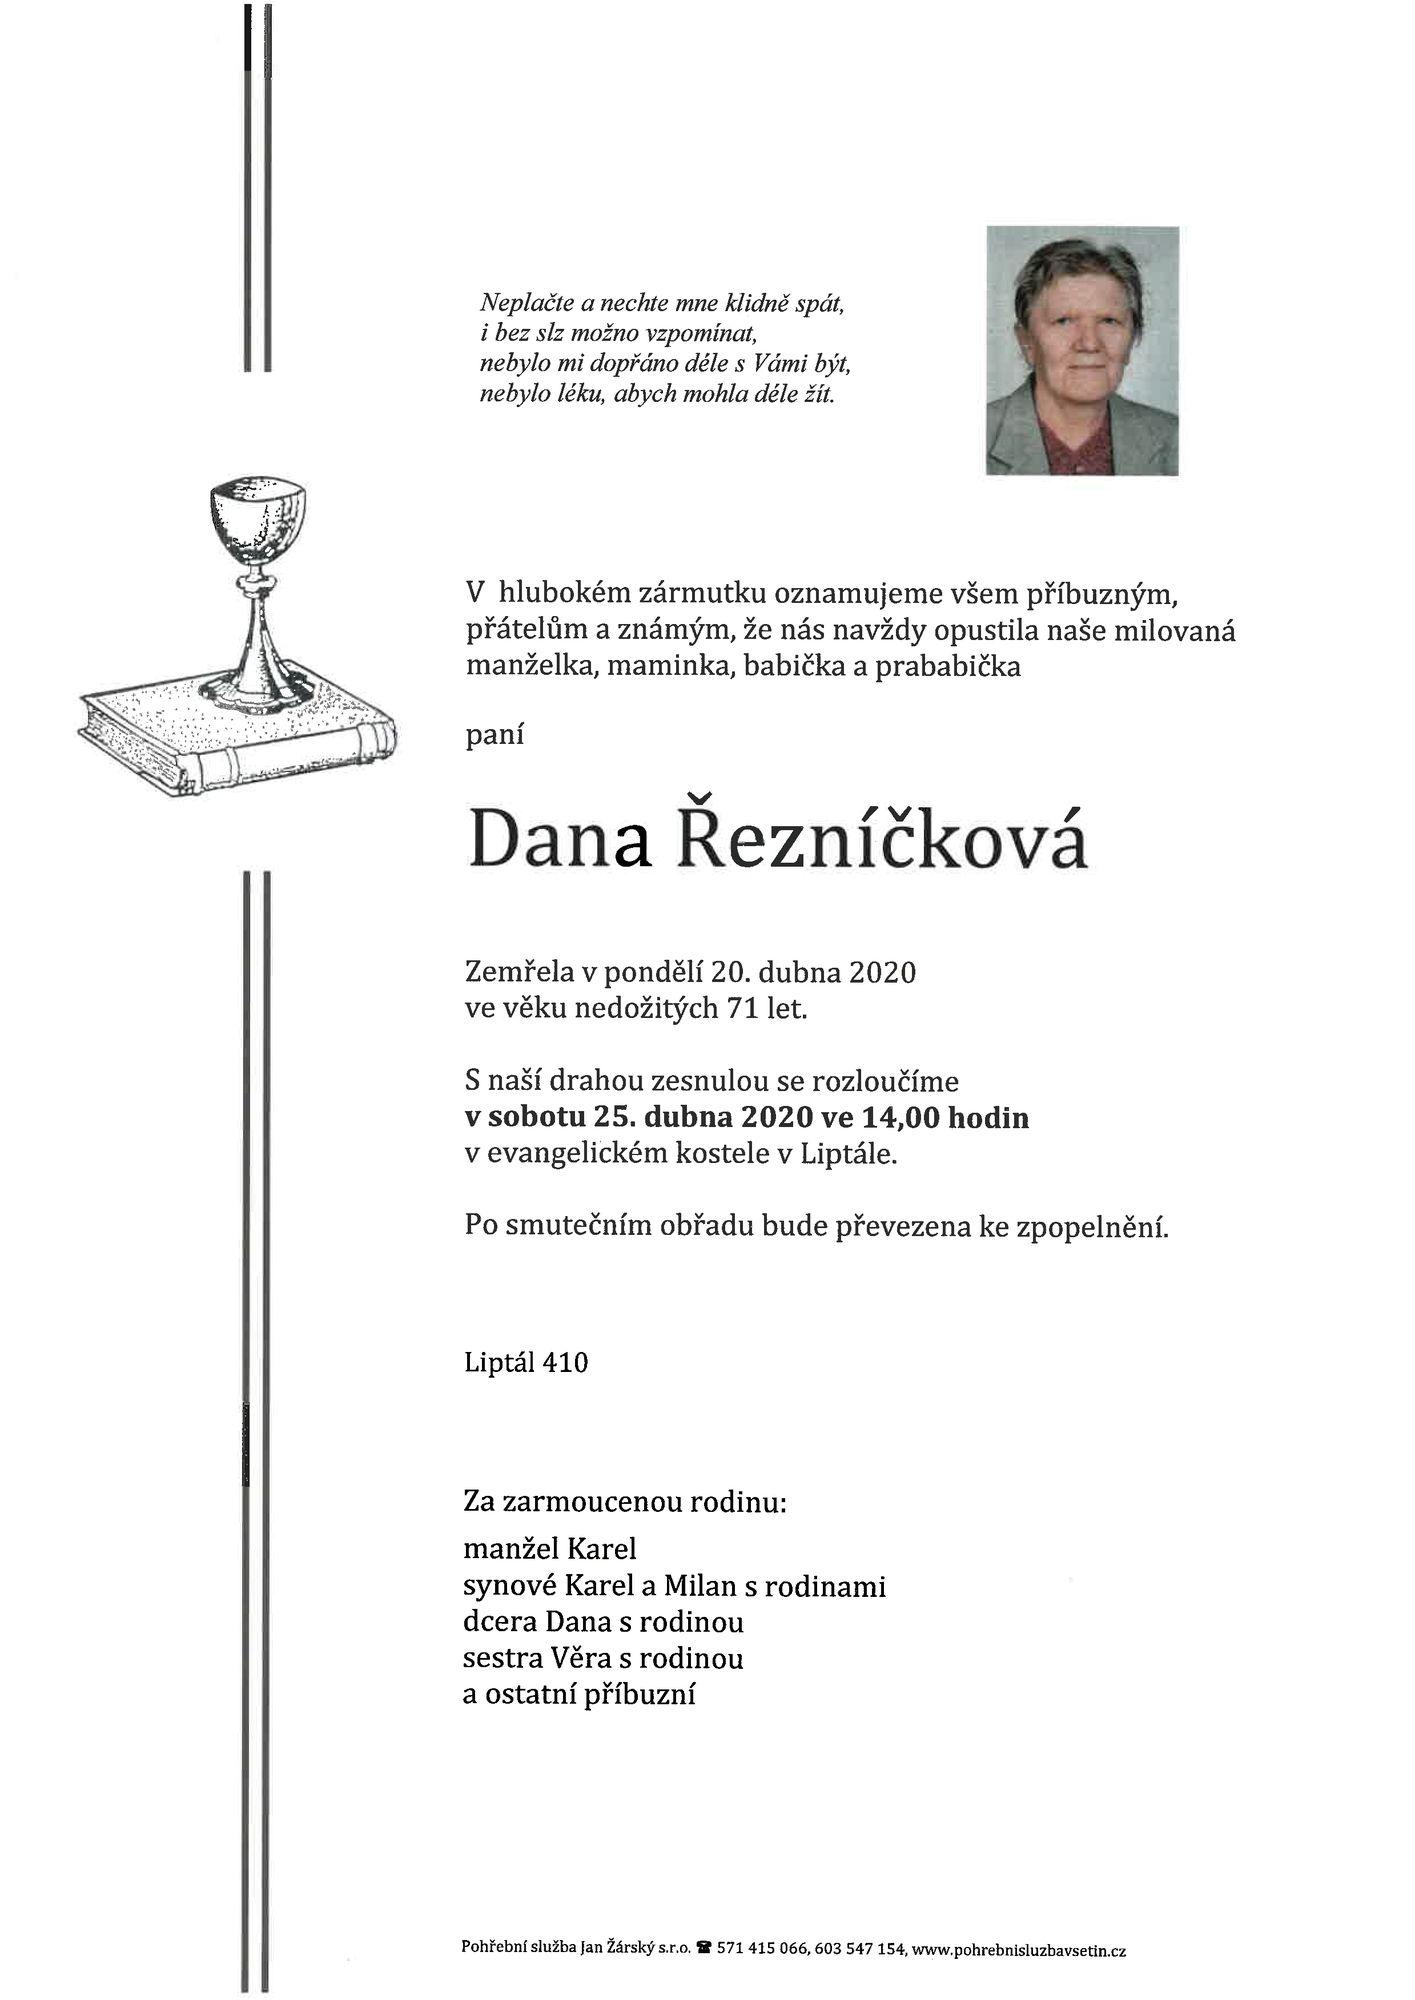 Dana Řezníčková